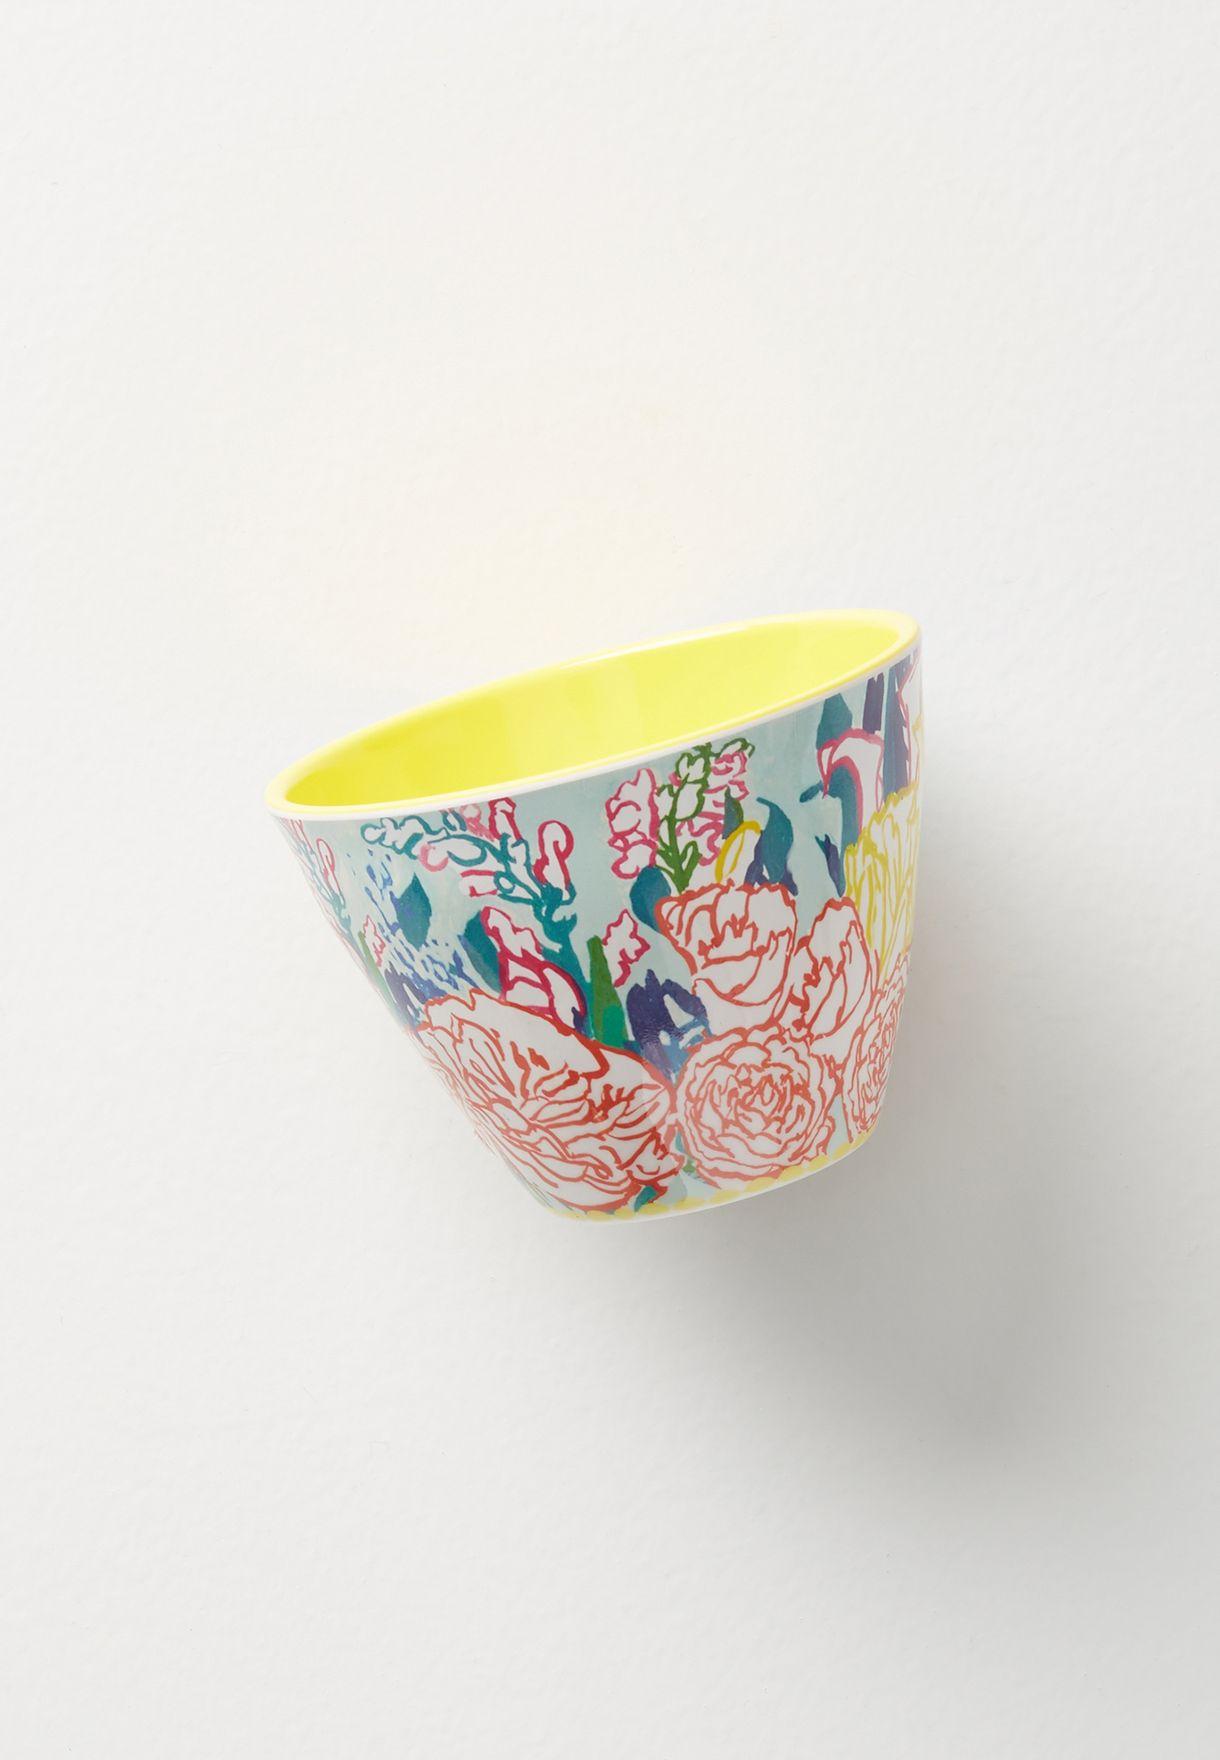 وعاء بطباعة زهور